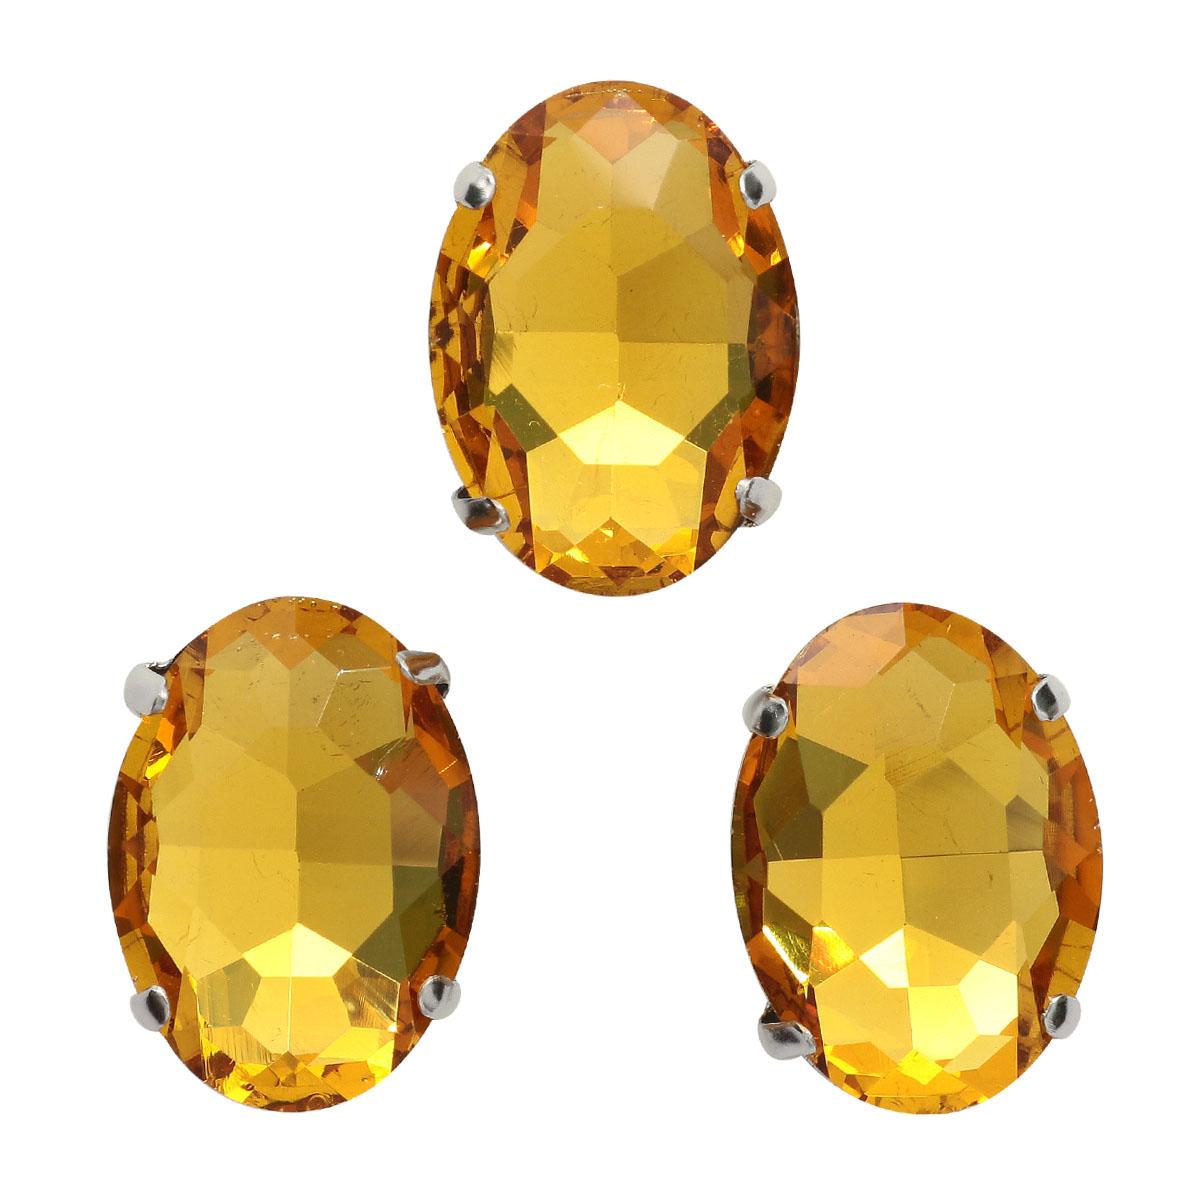 ОЦ004НН1318 Хрустальные стразы в цапах овальной формы, желтый 13х18 мм, 3 шт.